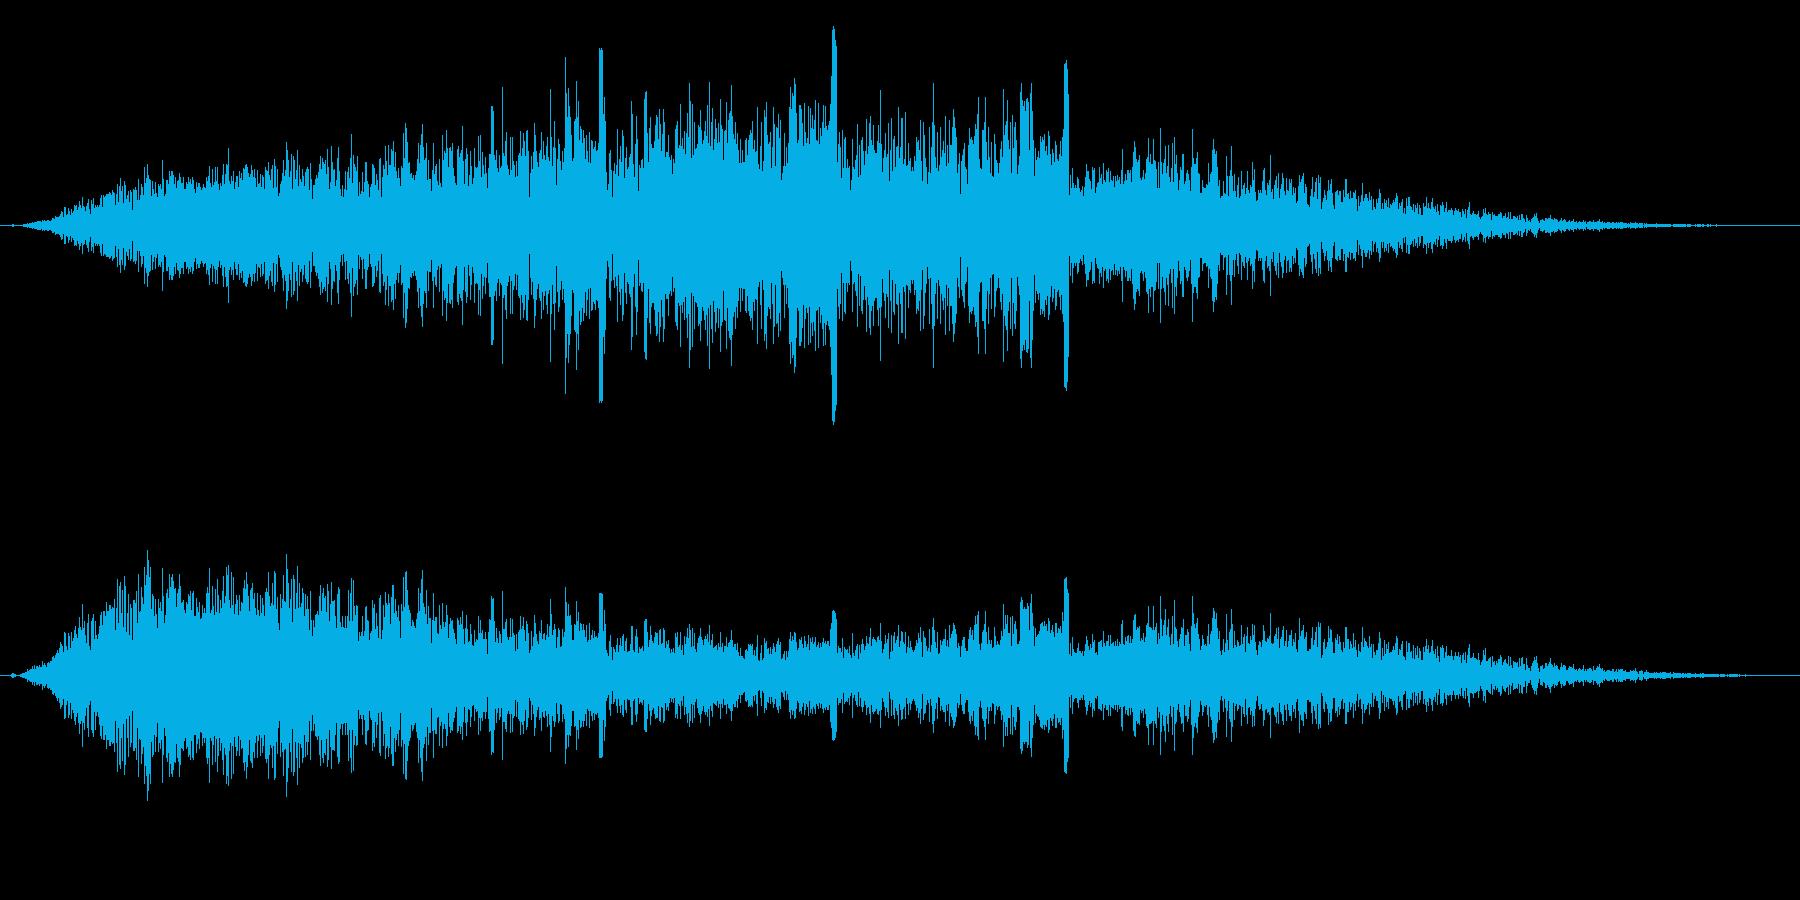 【F1】ド迫力のF1エンジン効果音10!の再生済みの波形